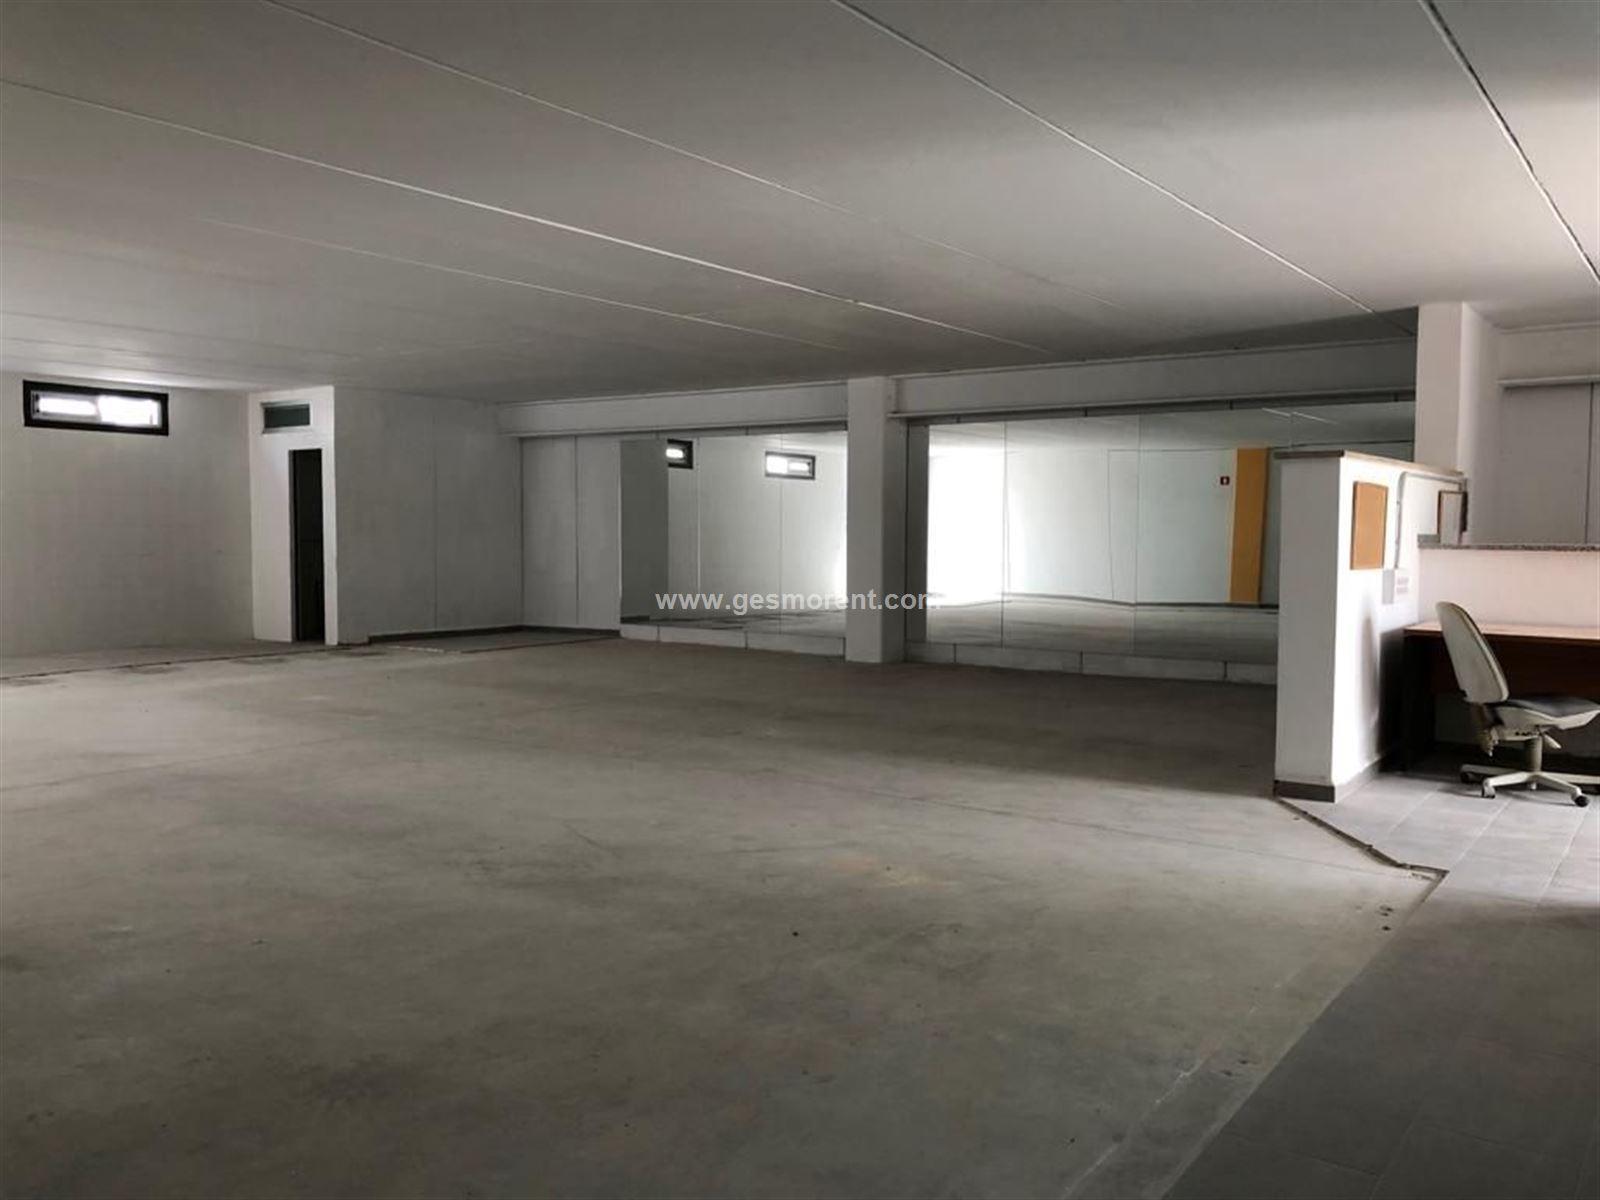 Miete Fabrikhalle  Santa maria - poligono son llaut. Nave en alquiler con parking privado